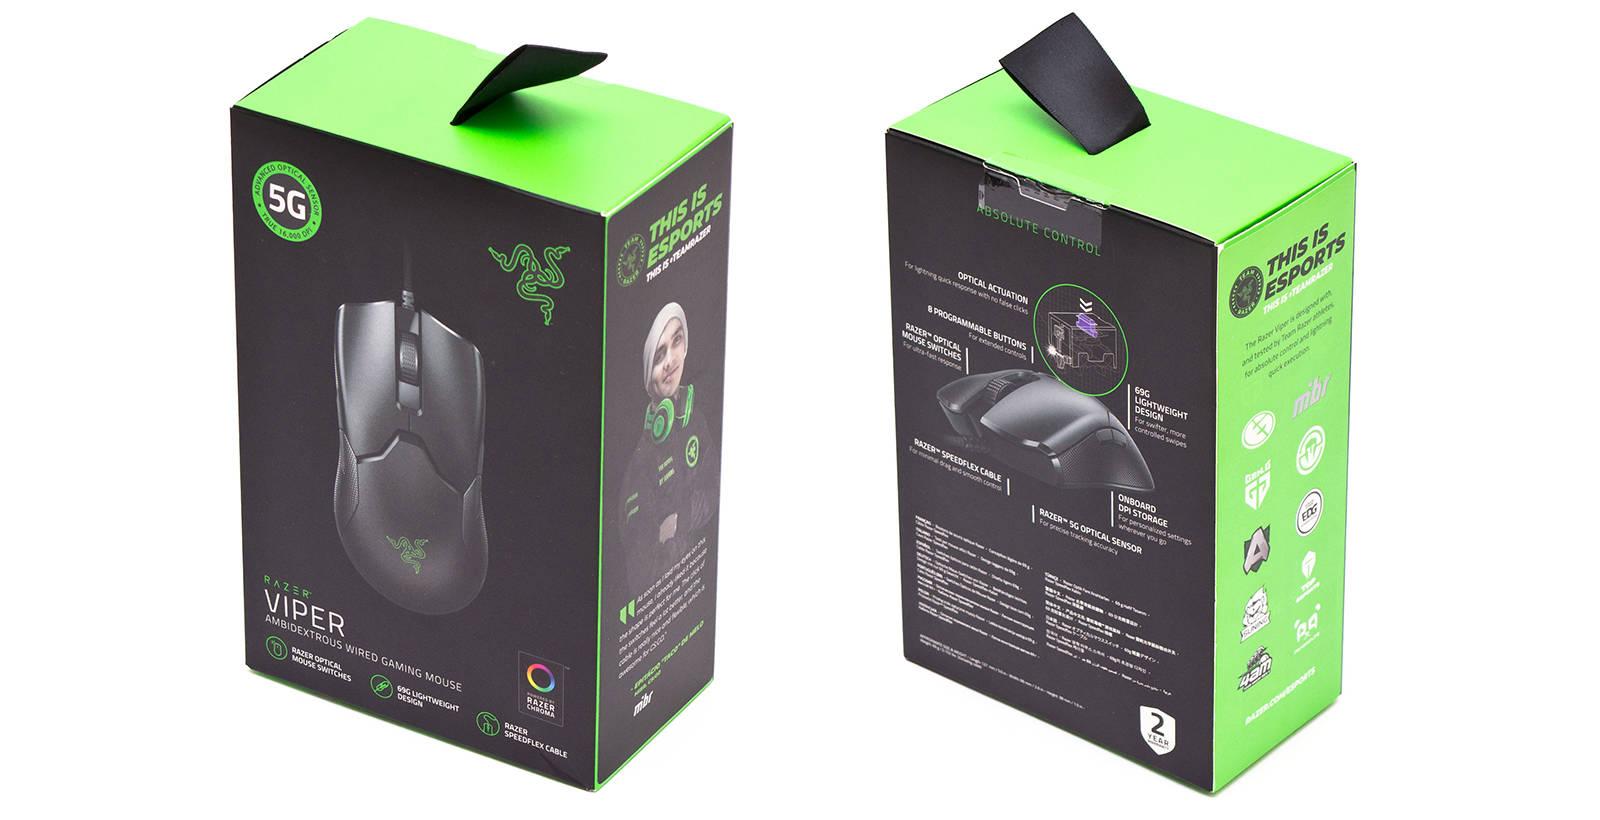 Упаковка Razer Viper